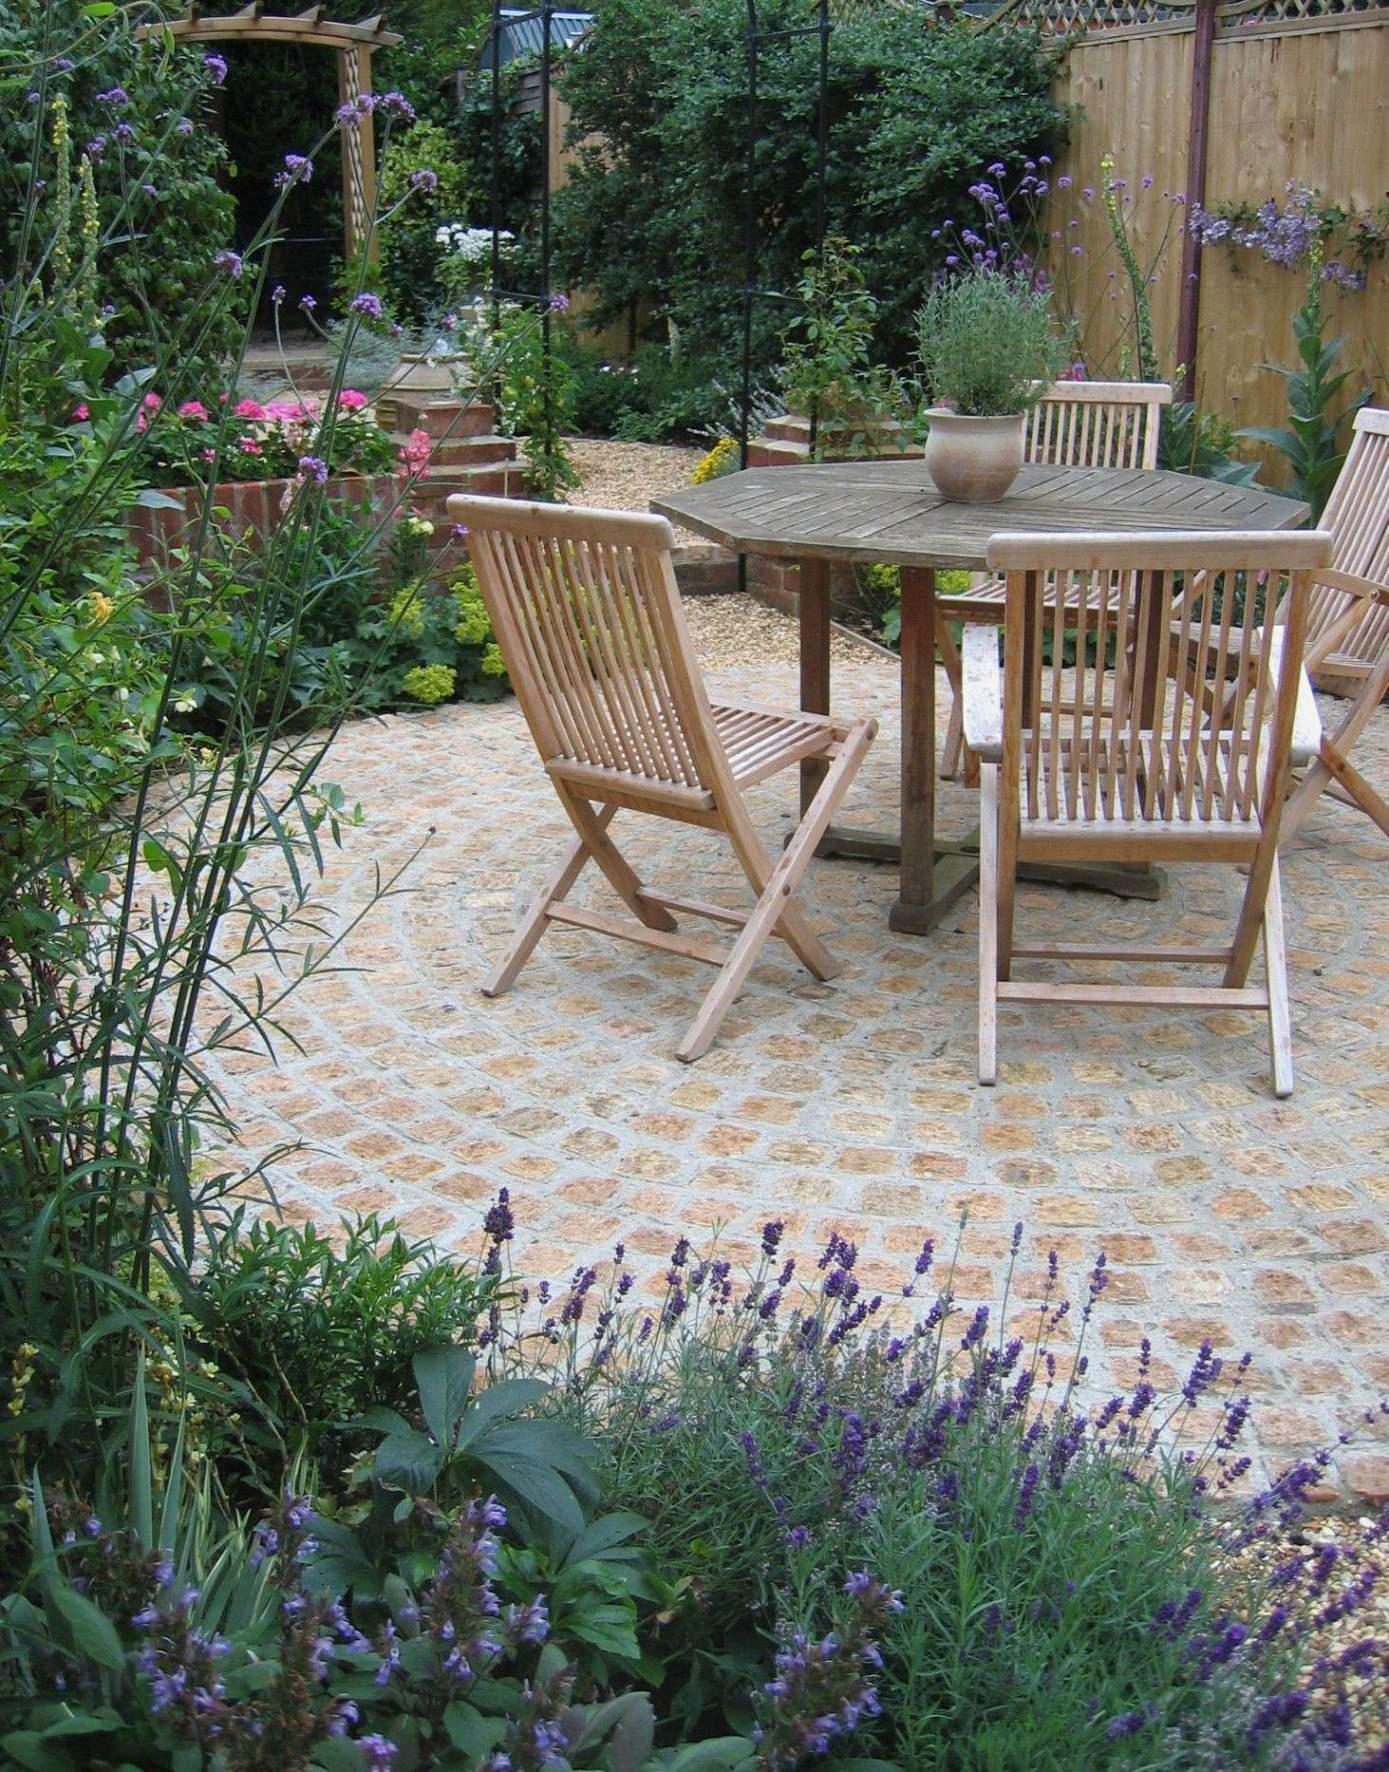 Upcycling Ideen Garten Elegant Recycling Ideen Garten — Temobardz Home Blog